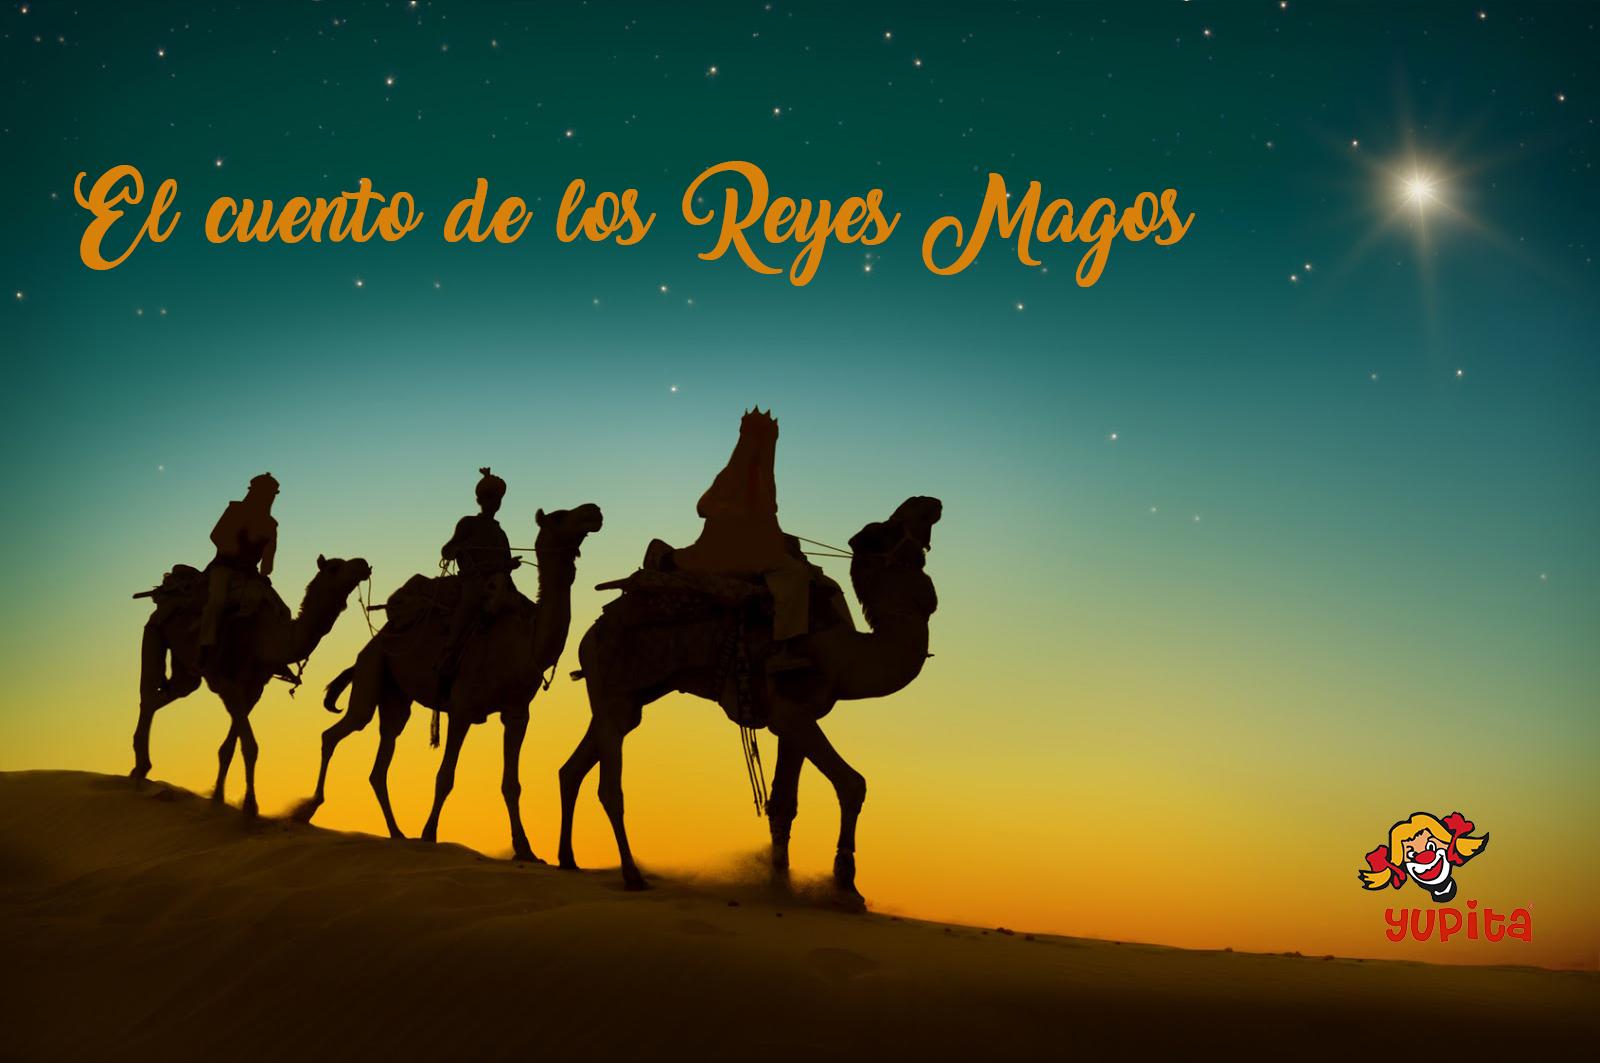 El cuento de los Reyes Magos